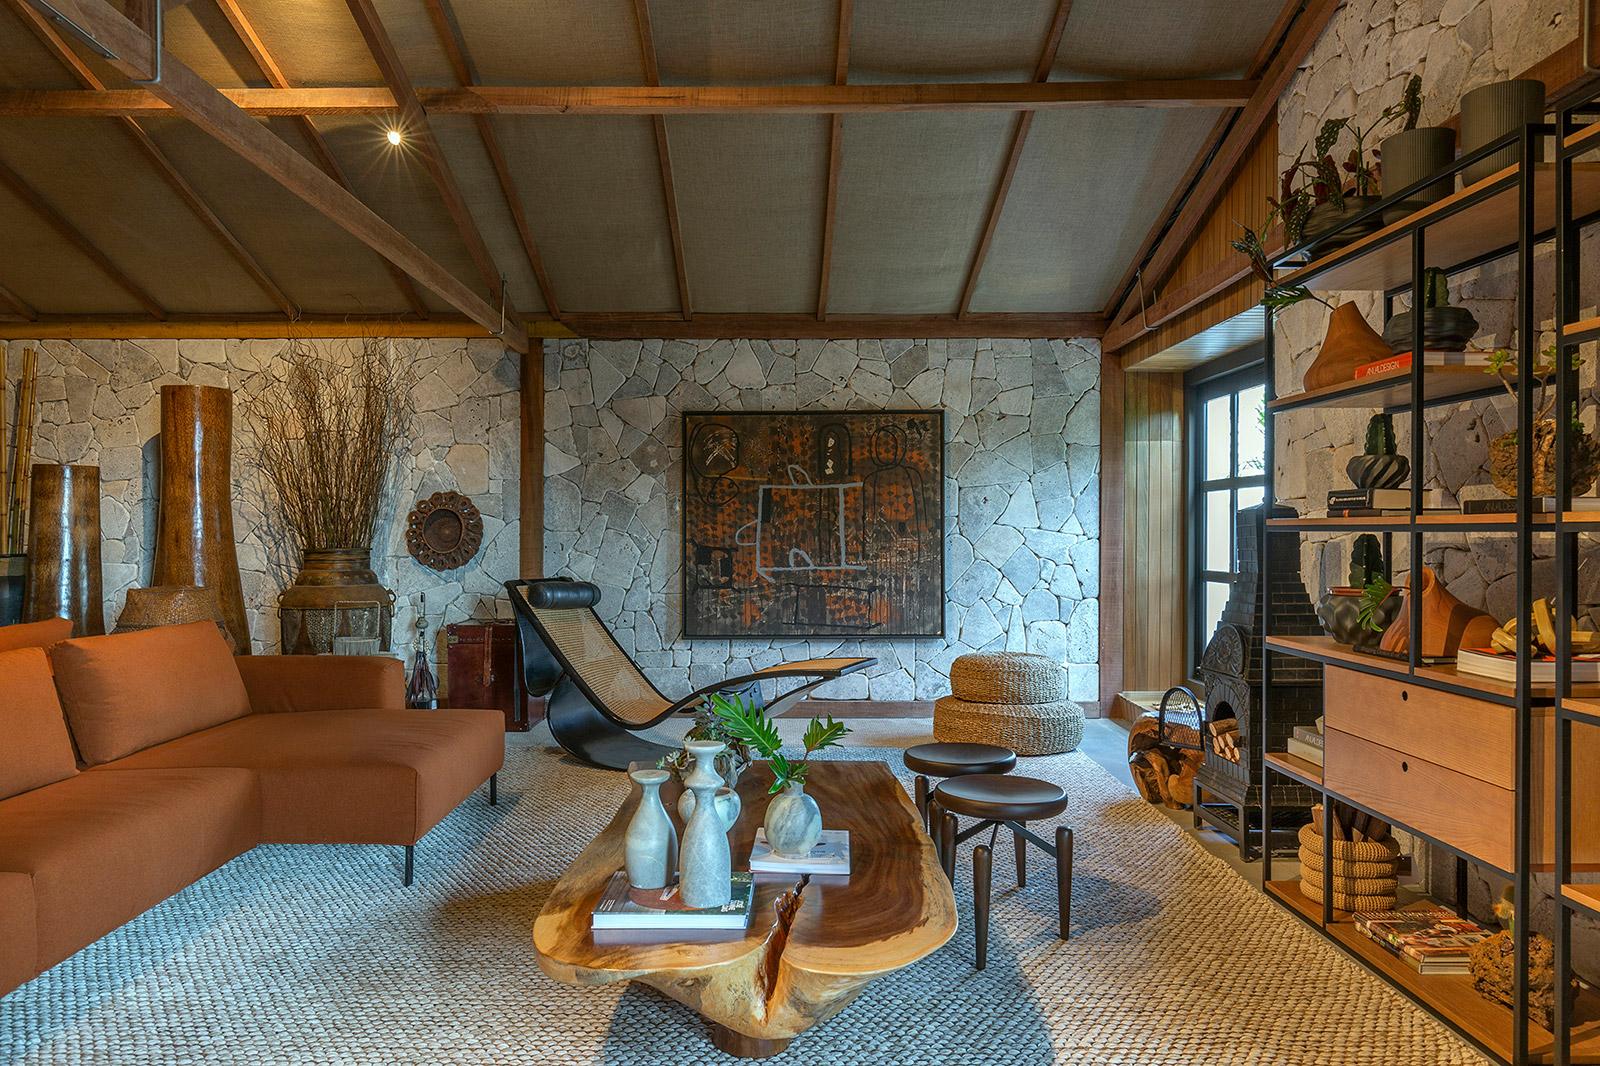 Casa da Mata Fabíola Naoum Wilker Godoi CASACOR Goiás 2021 campo rustico madeira decoração